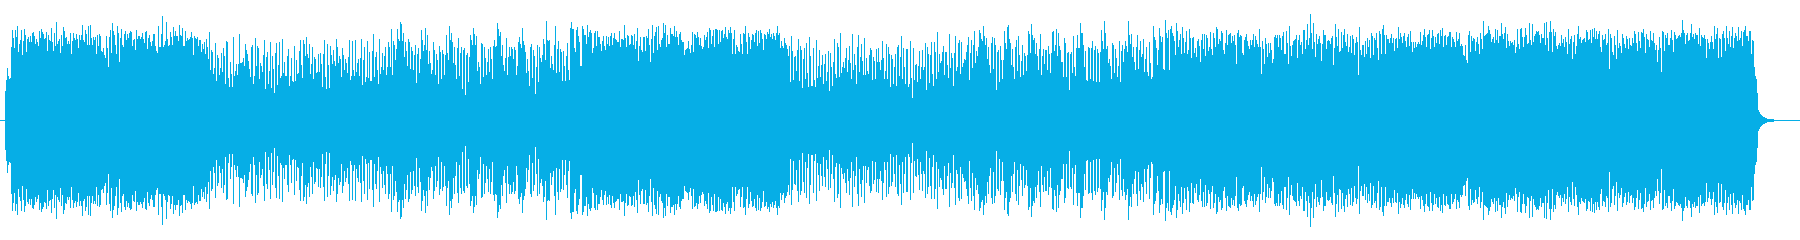 楽しく軽快なリズムのポップソングの再生済みの波形